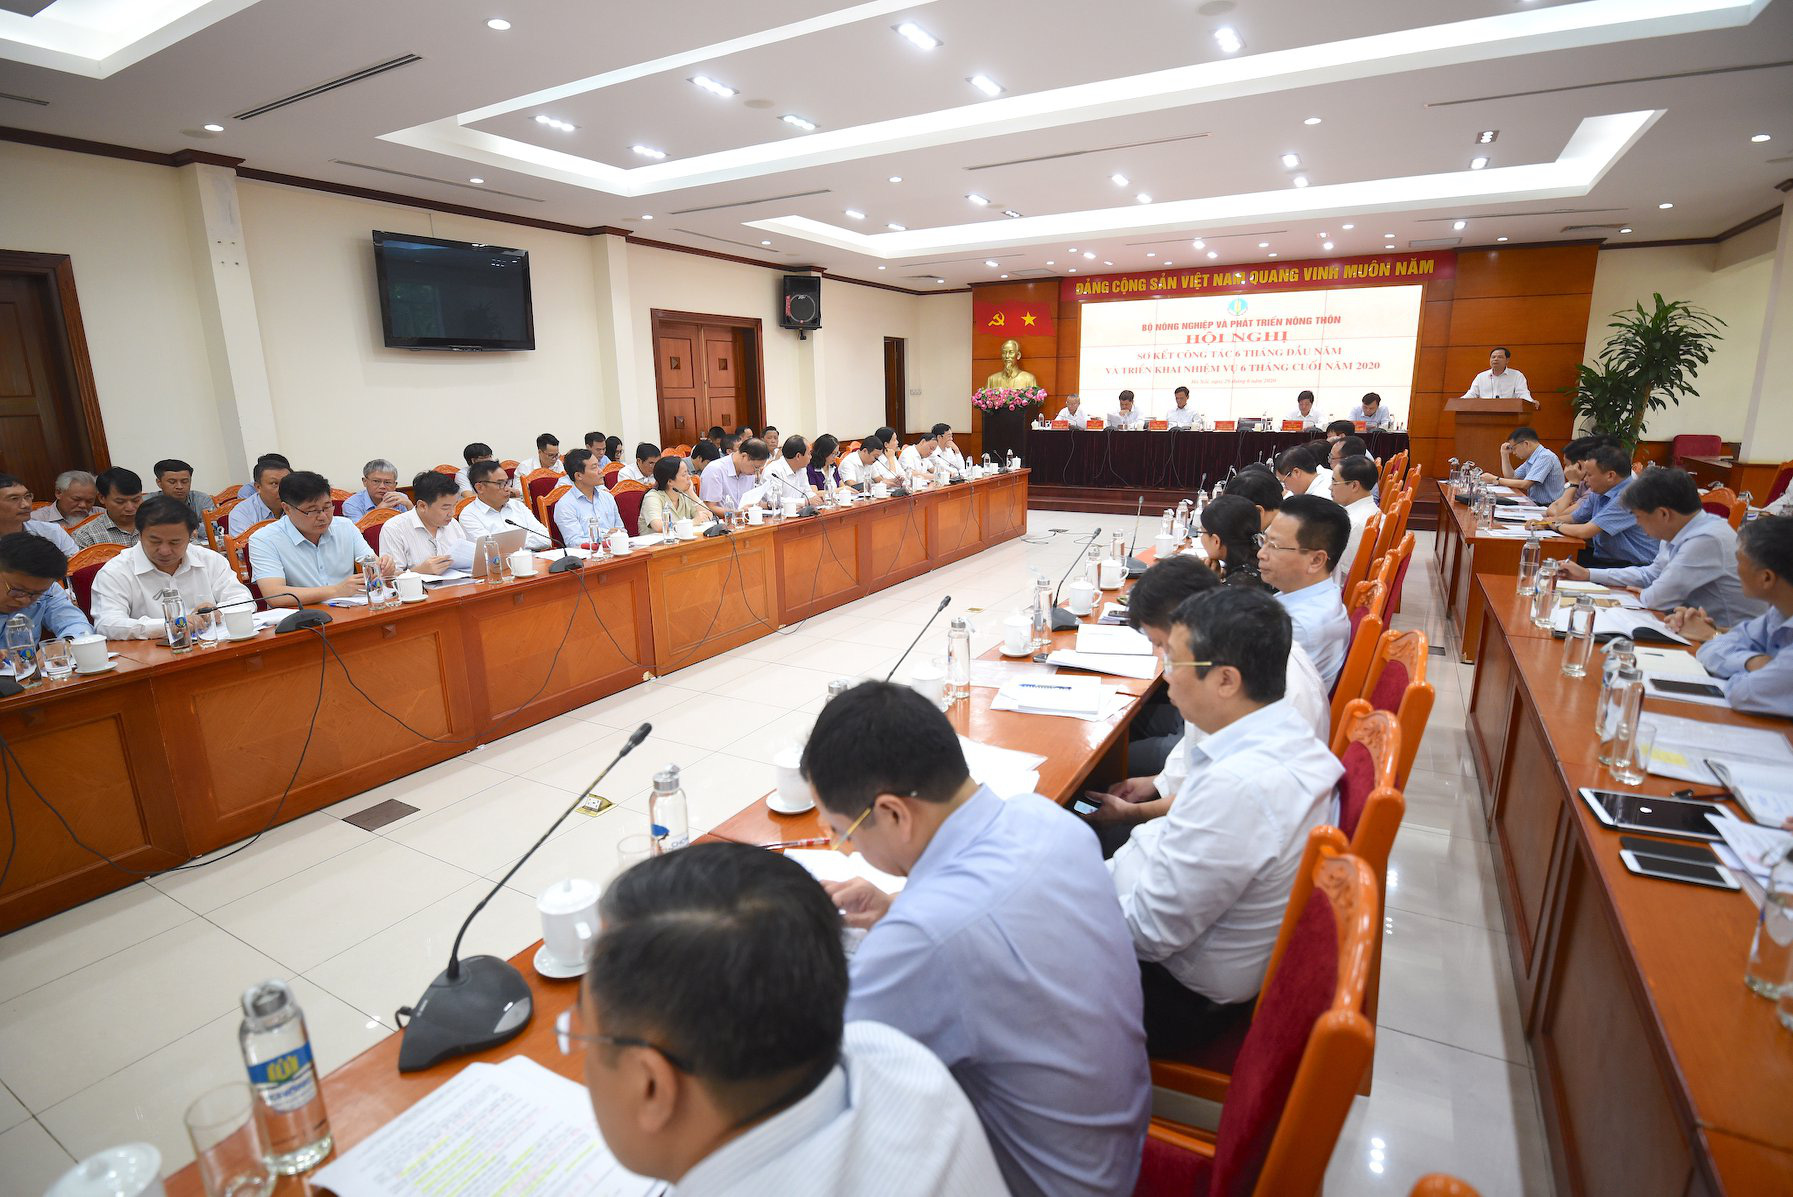 """Bộ trưởng Nguyễn Xuân Cường: Chăn nuôi thoát """"âm"""", không bàn lùi, không hạ mục tiêu tăng trưởng - Ảnh 3."""